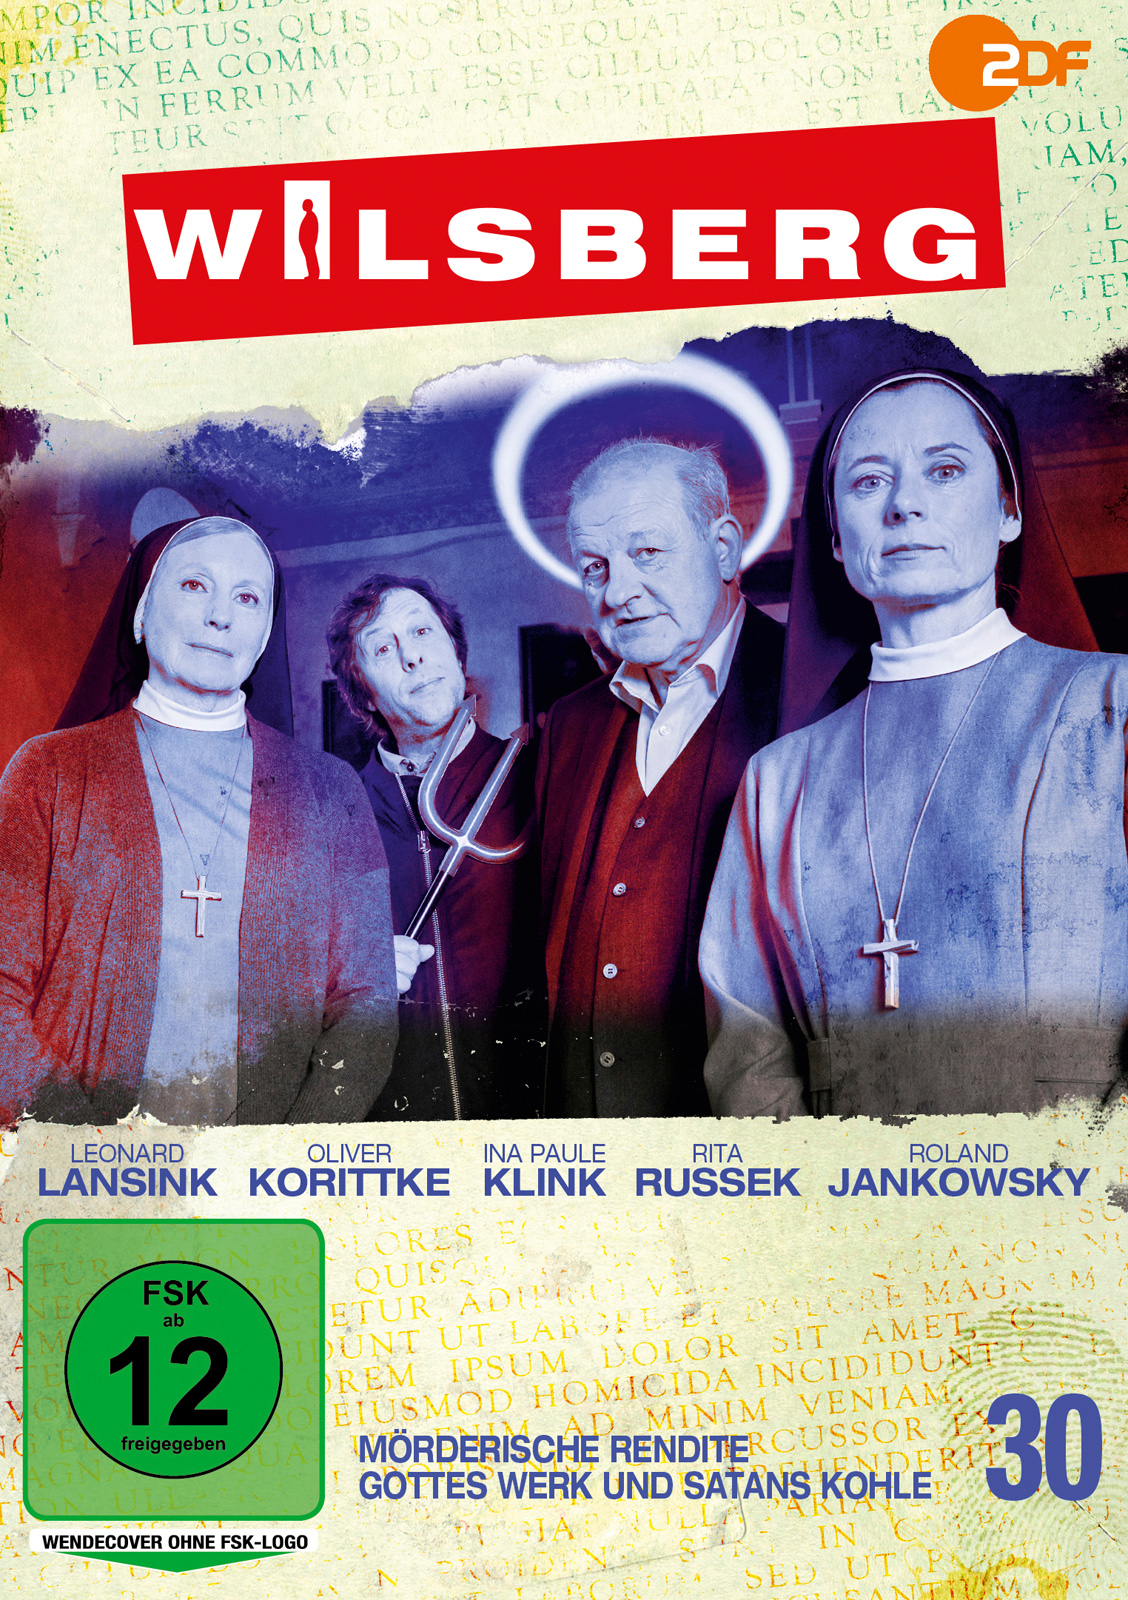 Wilsberg: Gottes Werk Und Satans Kohle